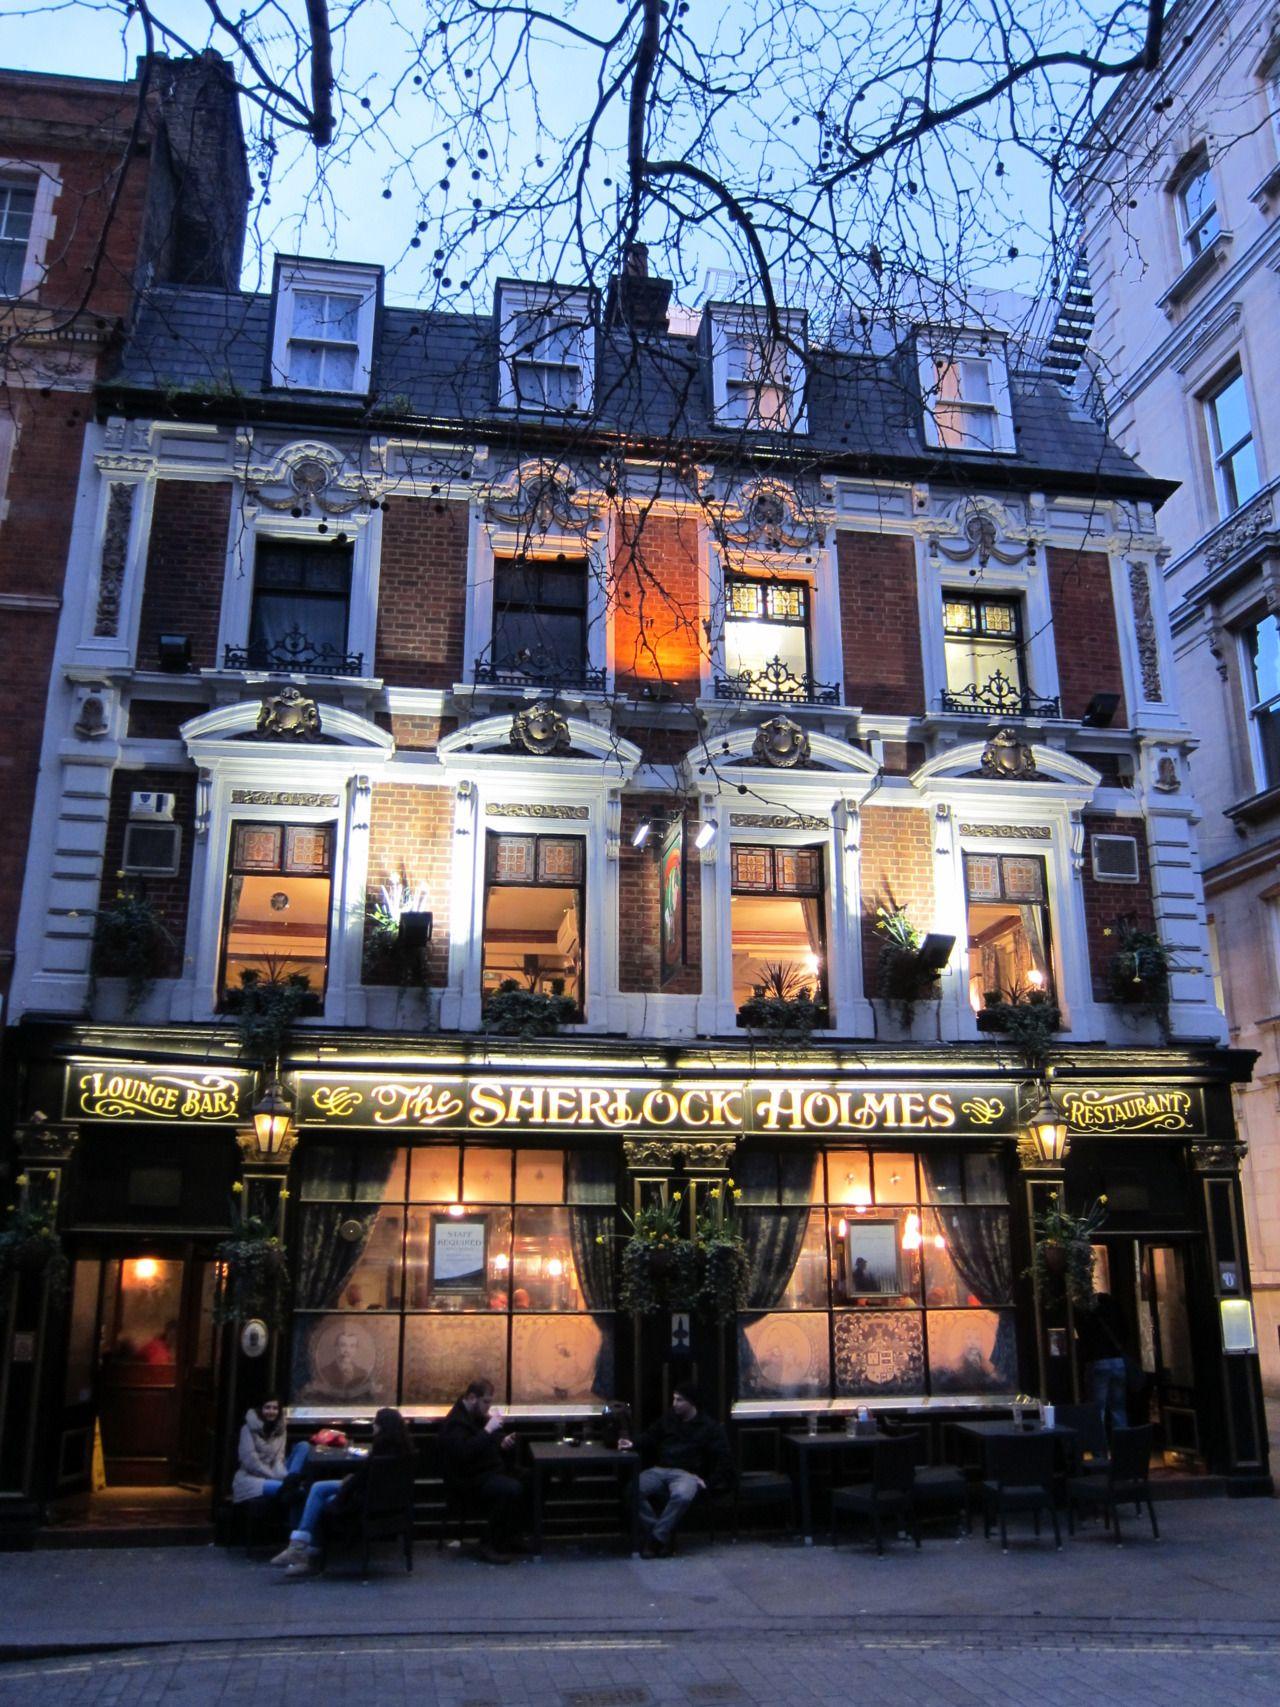 74a19eacde6e93861bde8a2d8b989144 - Central London Pubs With Beer Gardens